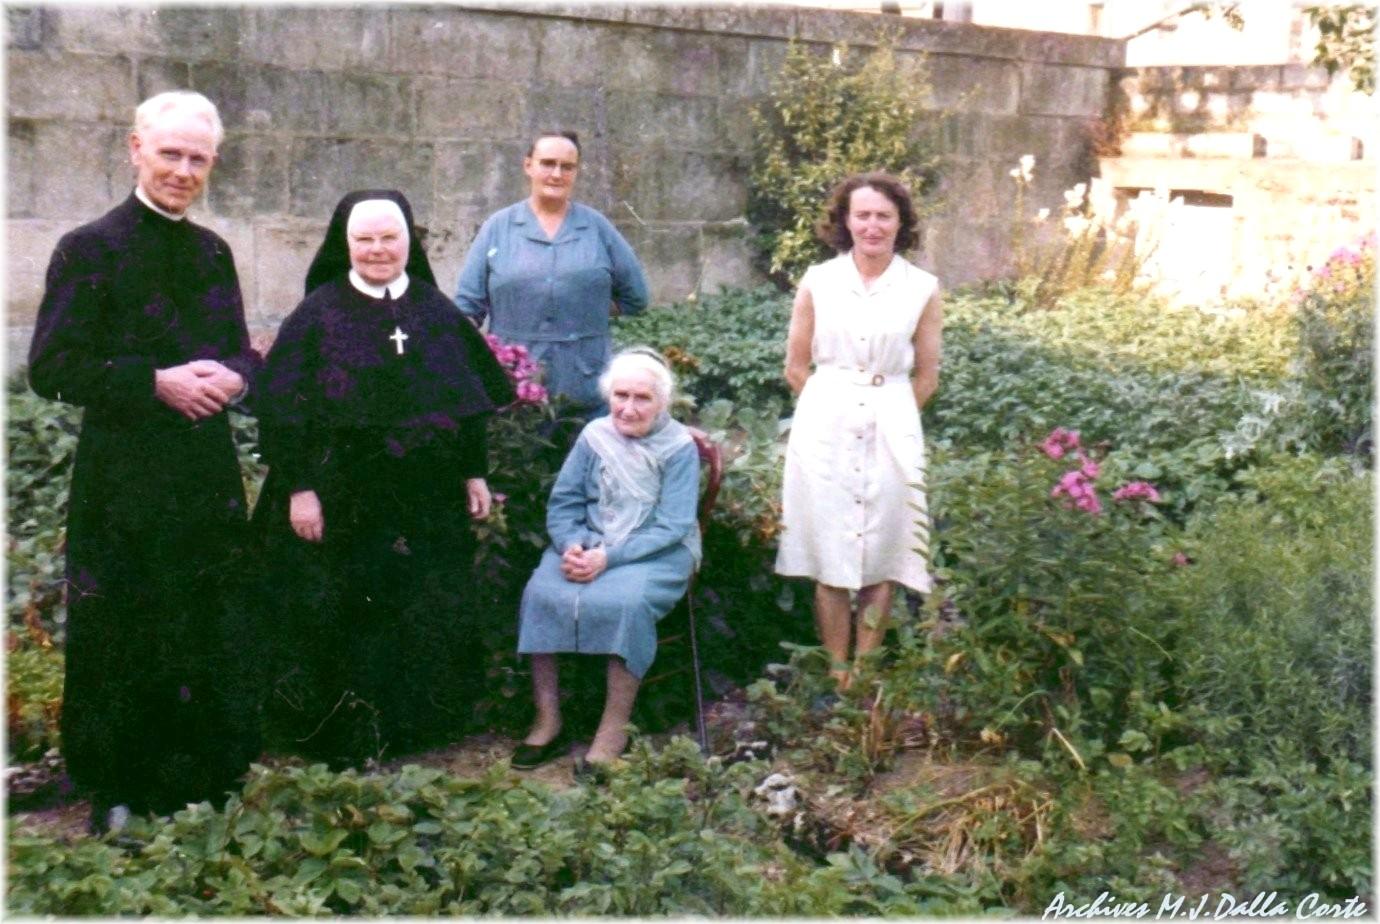 Haironville des temps pass s dans le jardin du presbyt re 1965 - Piscine dans petit jardin de ville saint paul ...